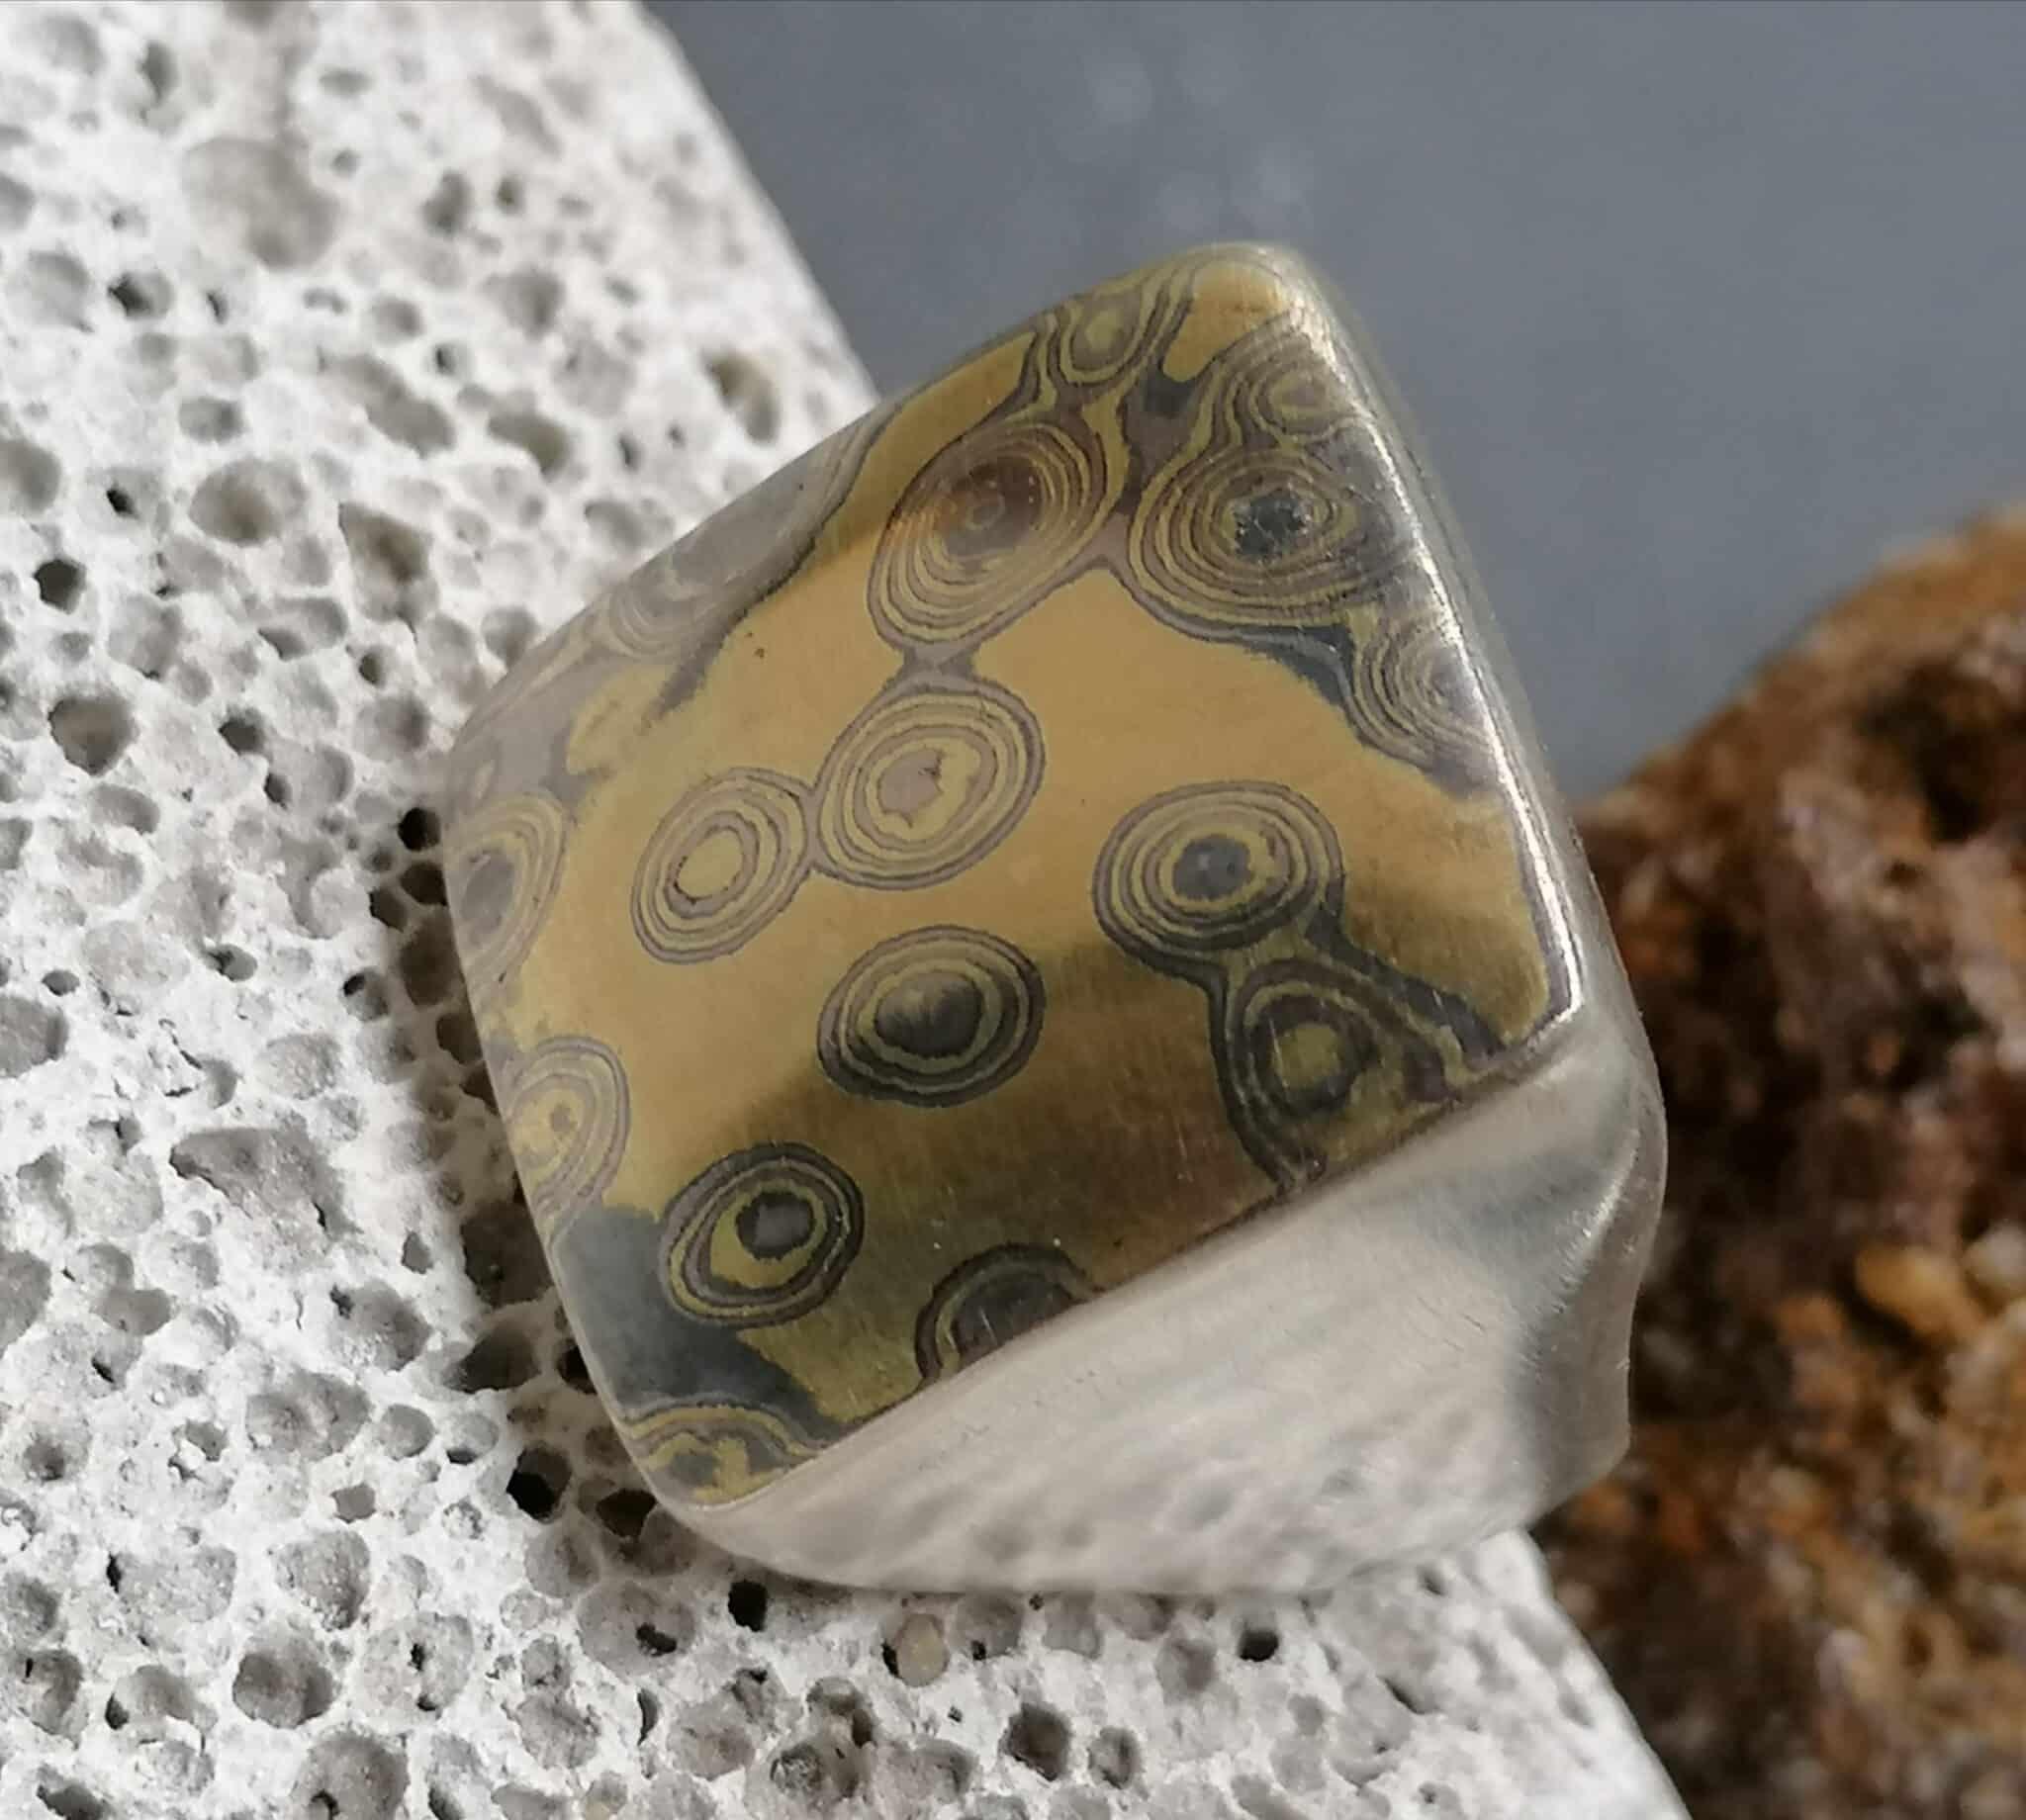 Unikat Ring Silber 925 mit Mokume Gane Gold 900 Palladium 500 Herrenring Siegelring